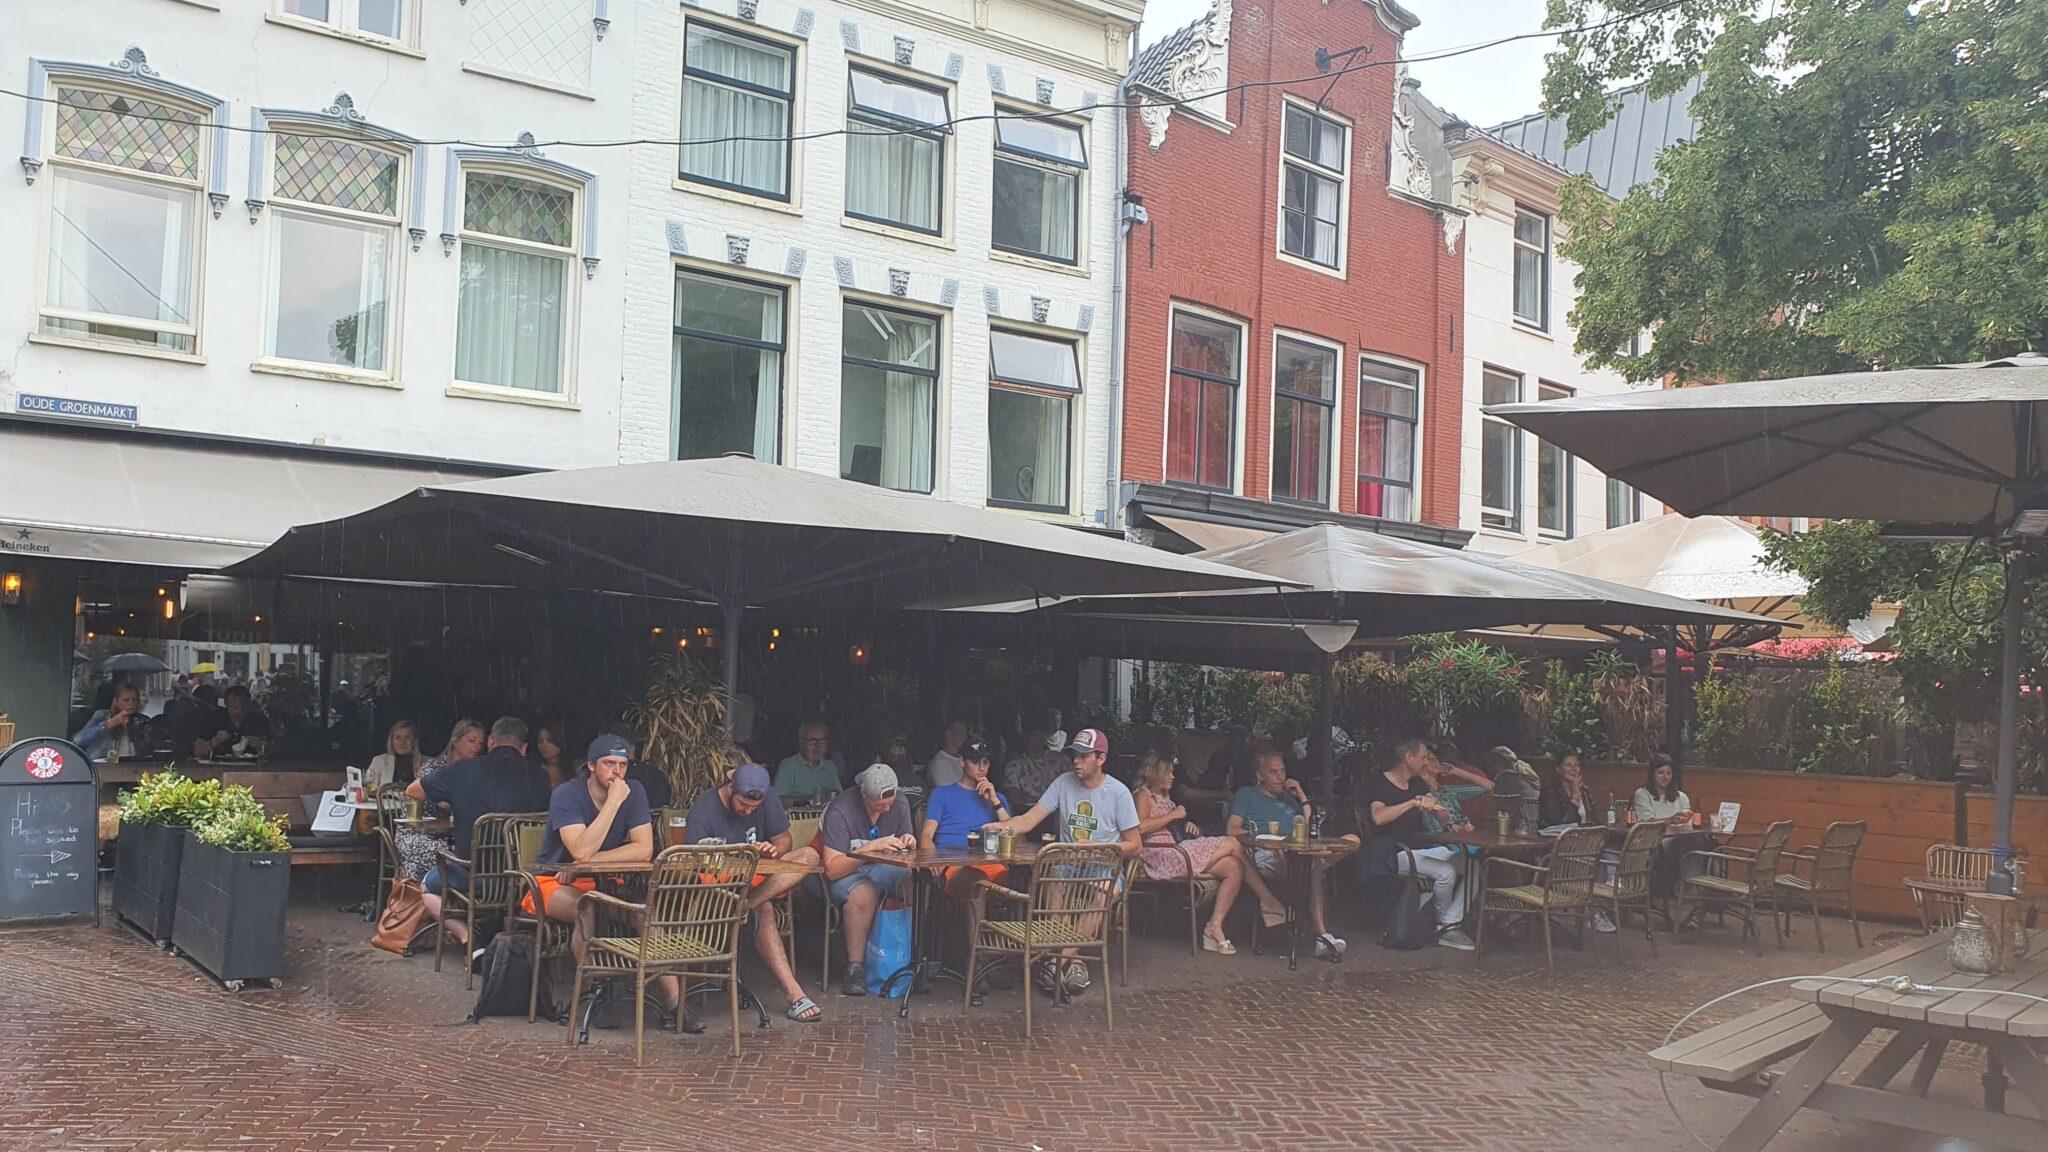 Overdekt terras overdekte terrassen Haarlem Thrill Grill